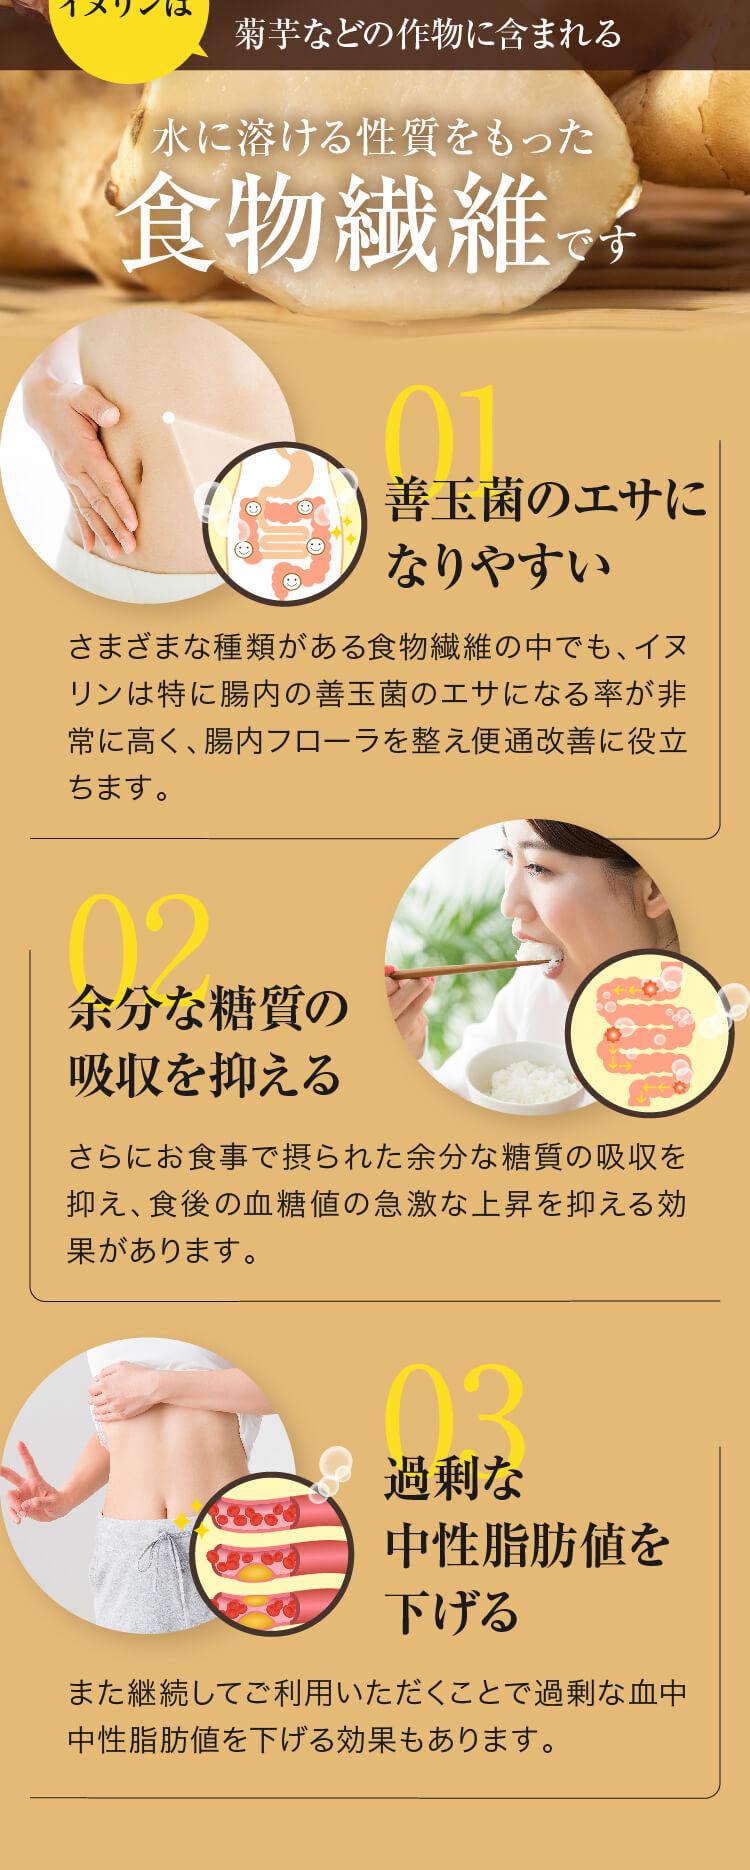 日本人は食物繊維不足!不足分をお野菜で補おうとすると…大変な量のお野菜を食べ続けなければいけません。